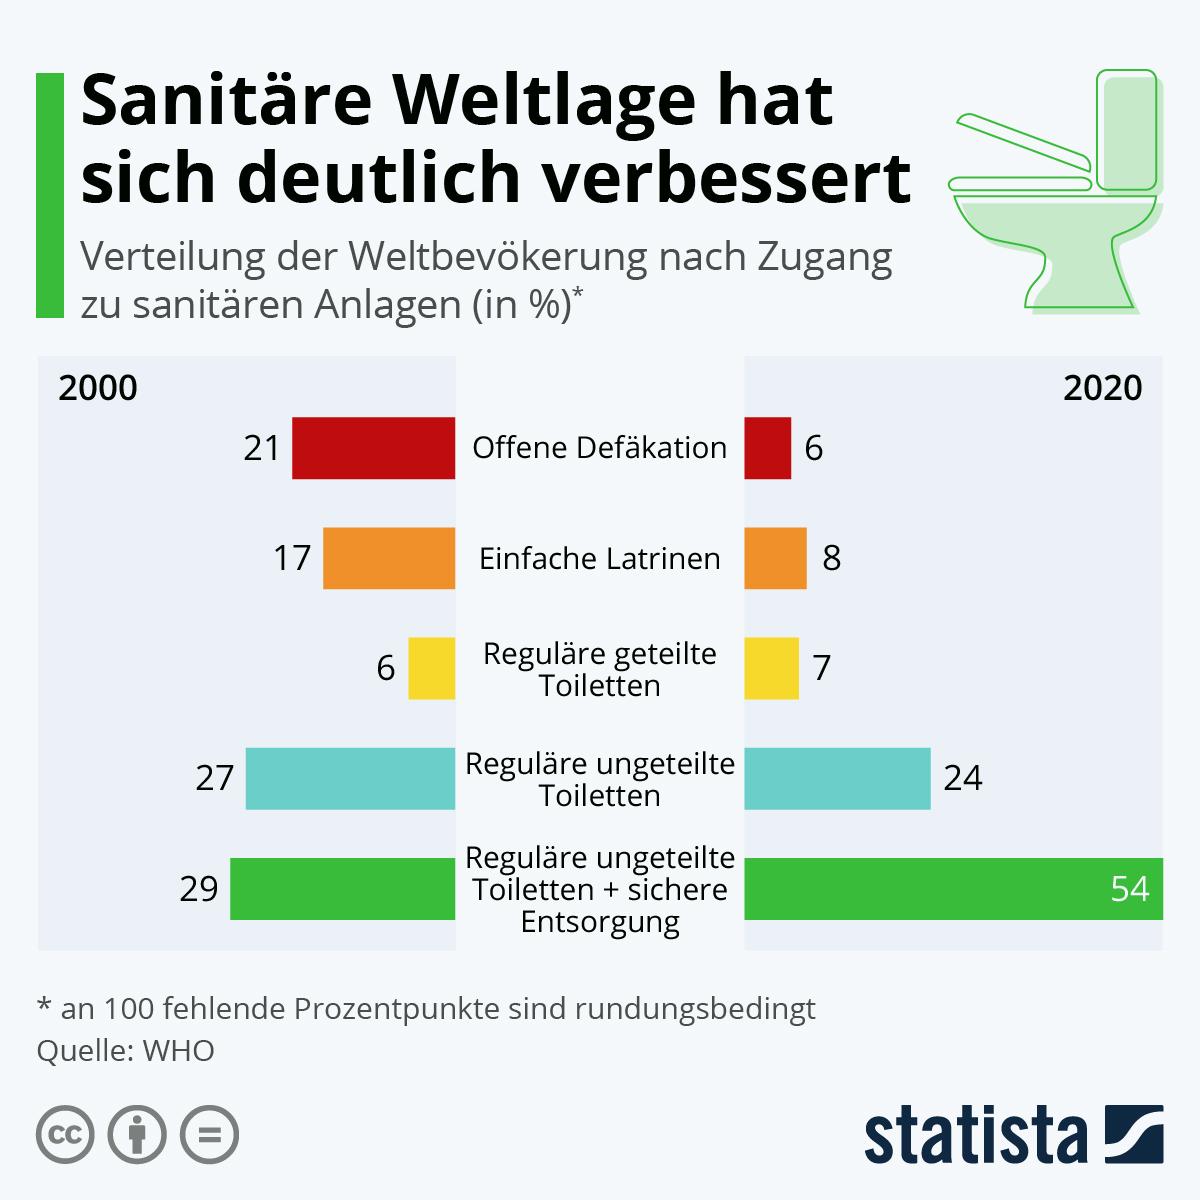 Infografik: Toilettenversorgung verbessert sich weltweit | Statista